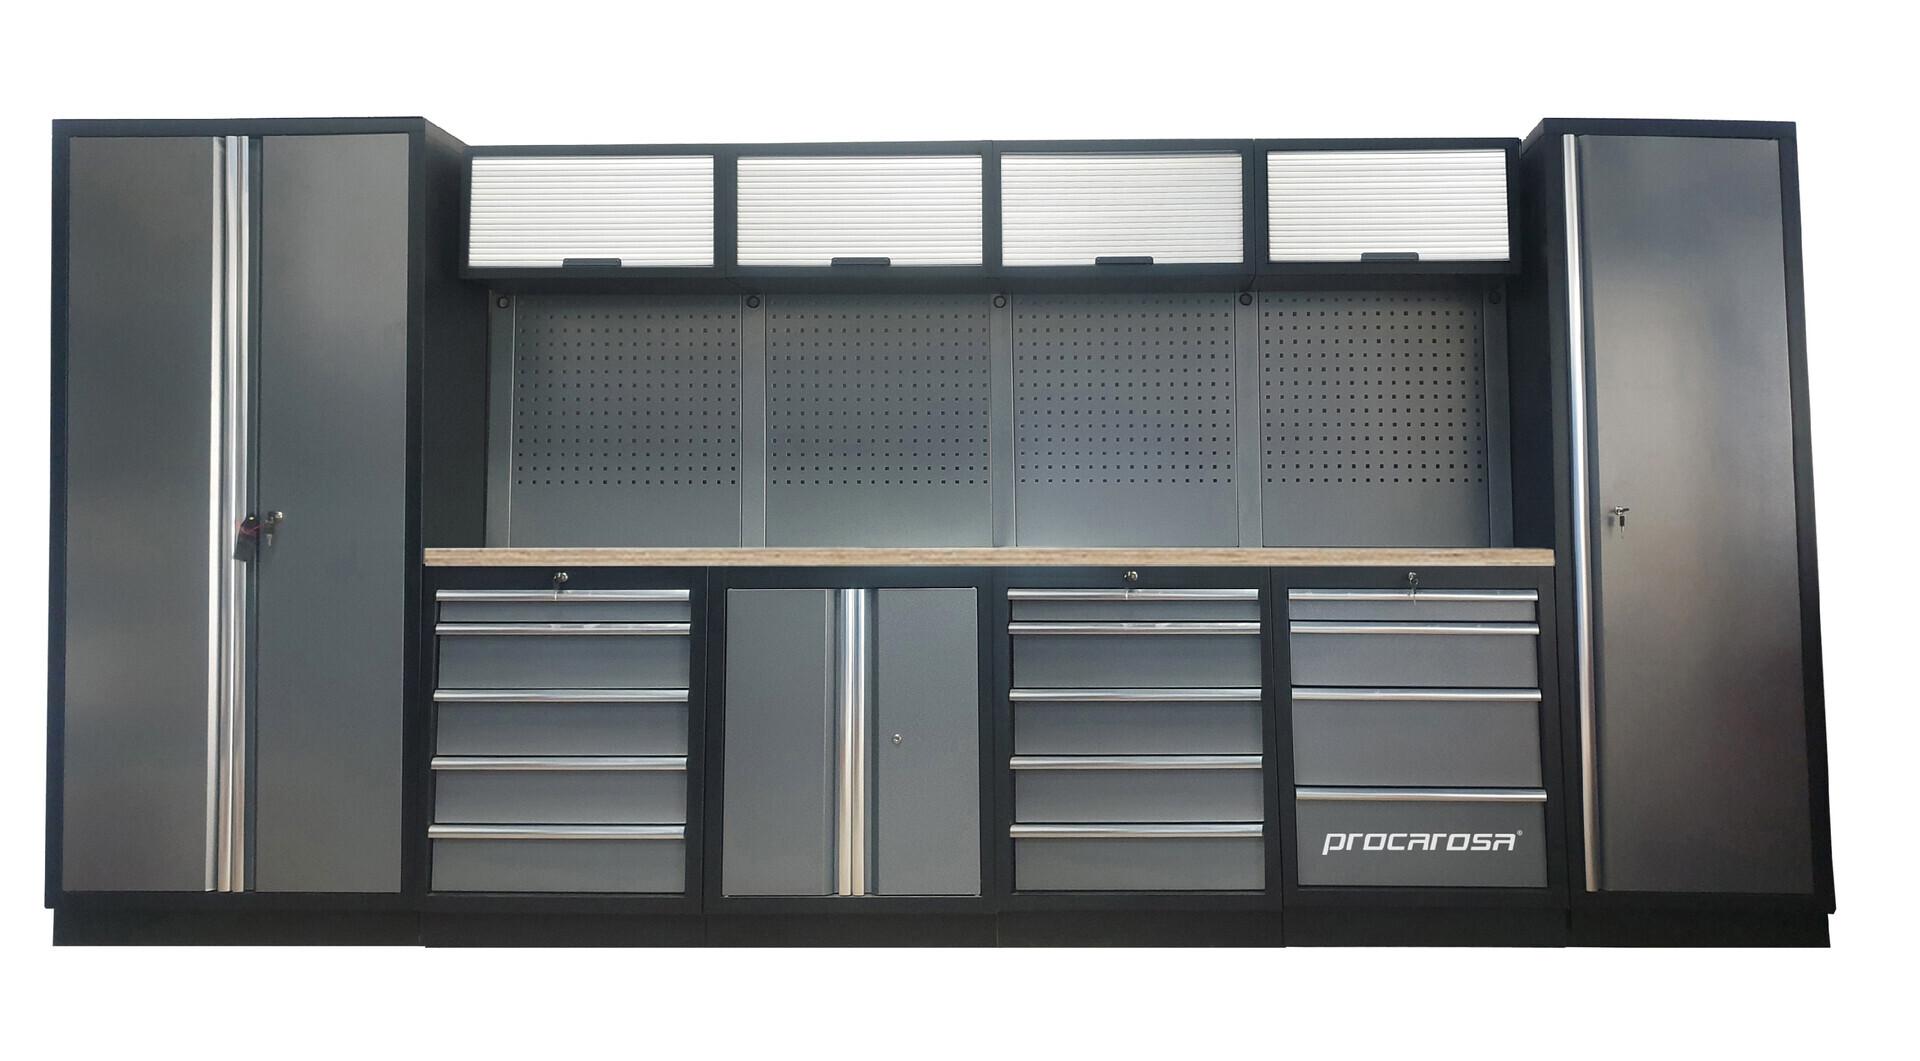 Sestava dílenského nábytku Procarosa PROFESSIONAL XL-5 Pracovní deska: dřevěná, Hmotnost: